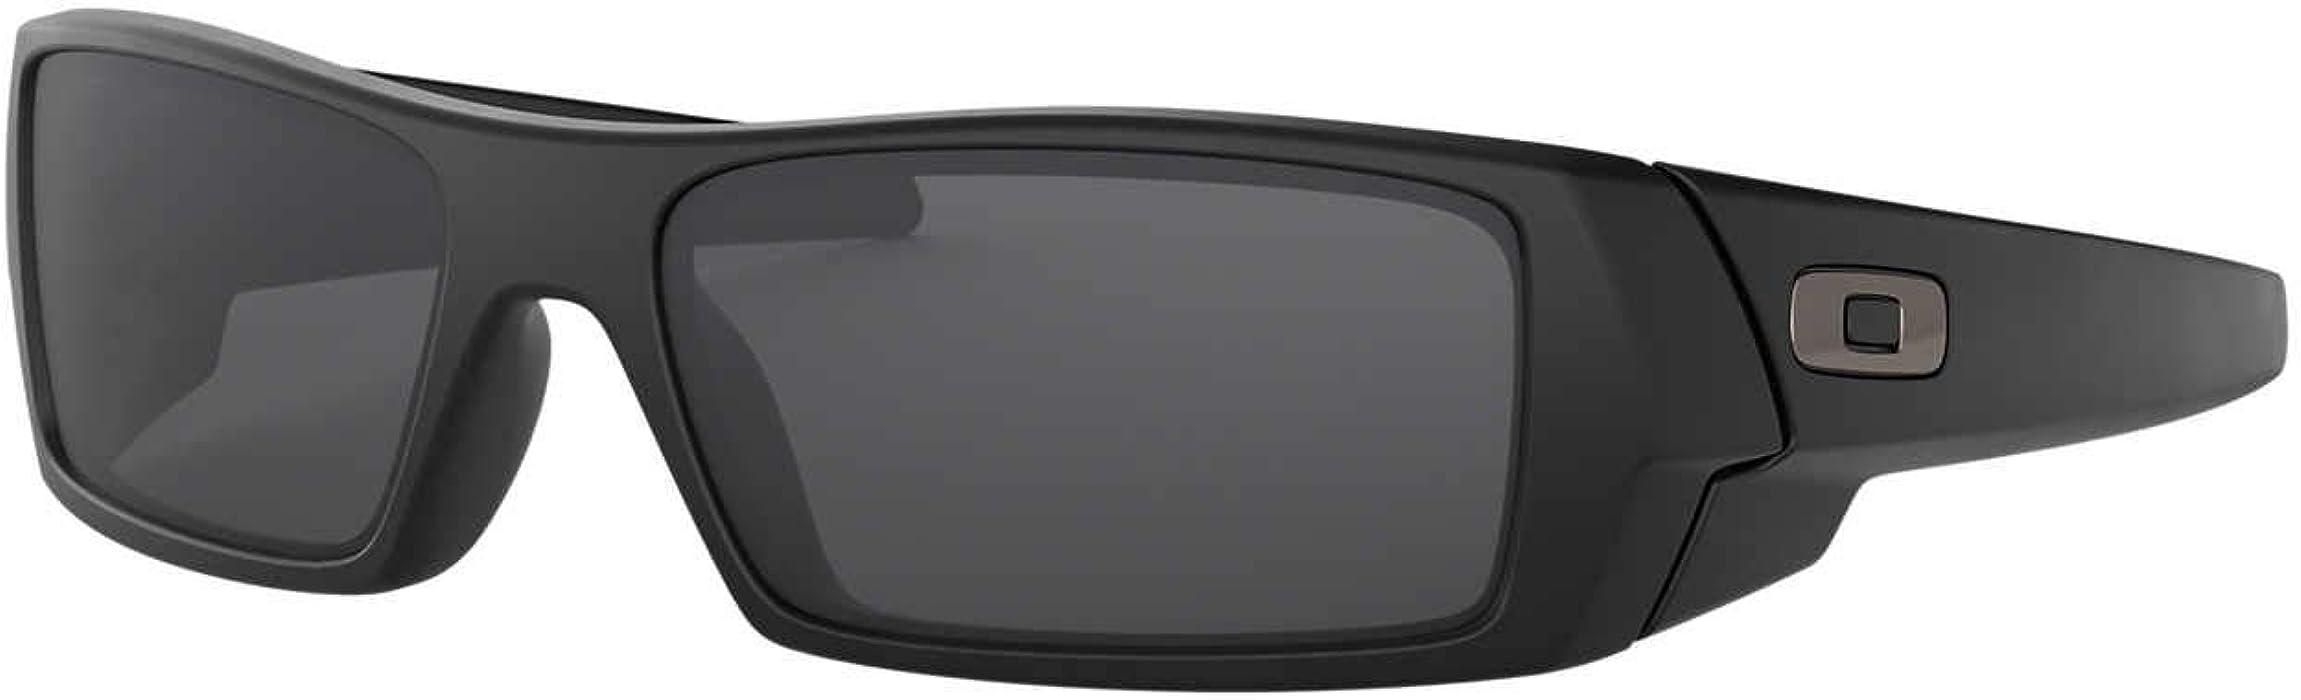 46afc36f1e7b Oakley Mens Gascan Sunglasses (OO9014) Black Matte Grey Plastic -  Non-Polarized